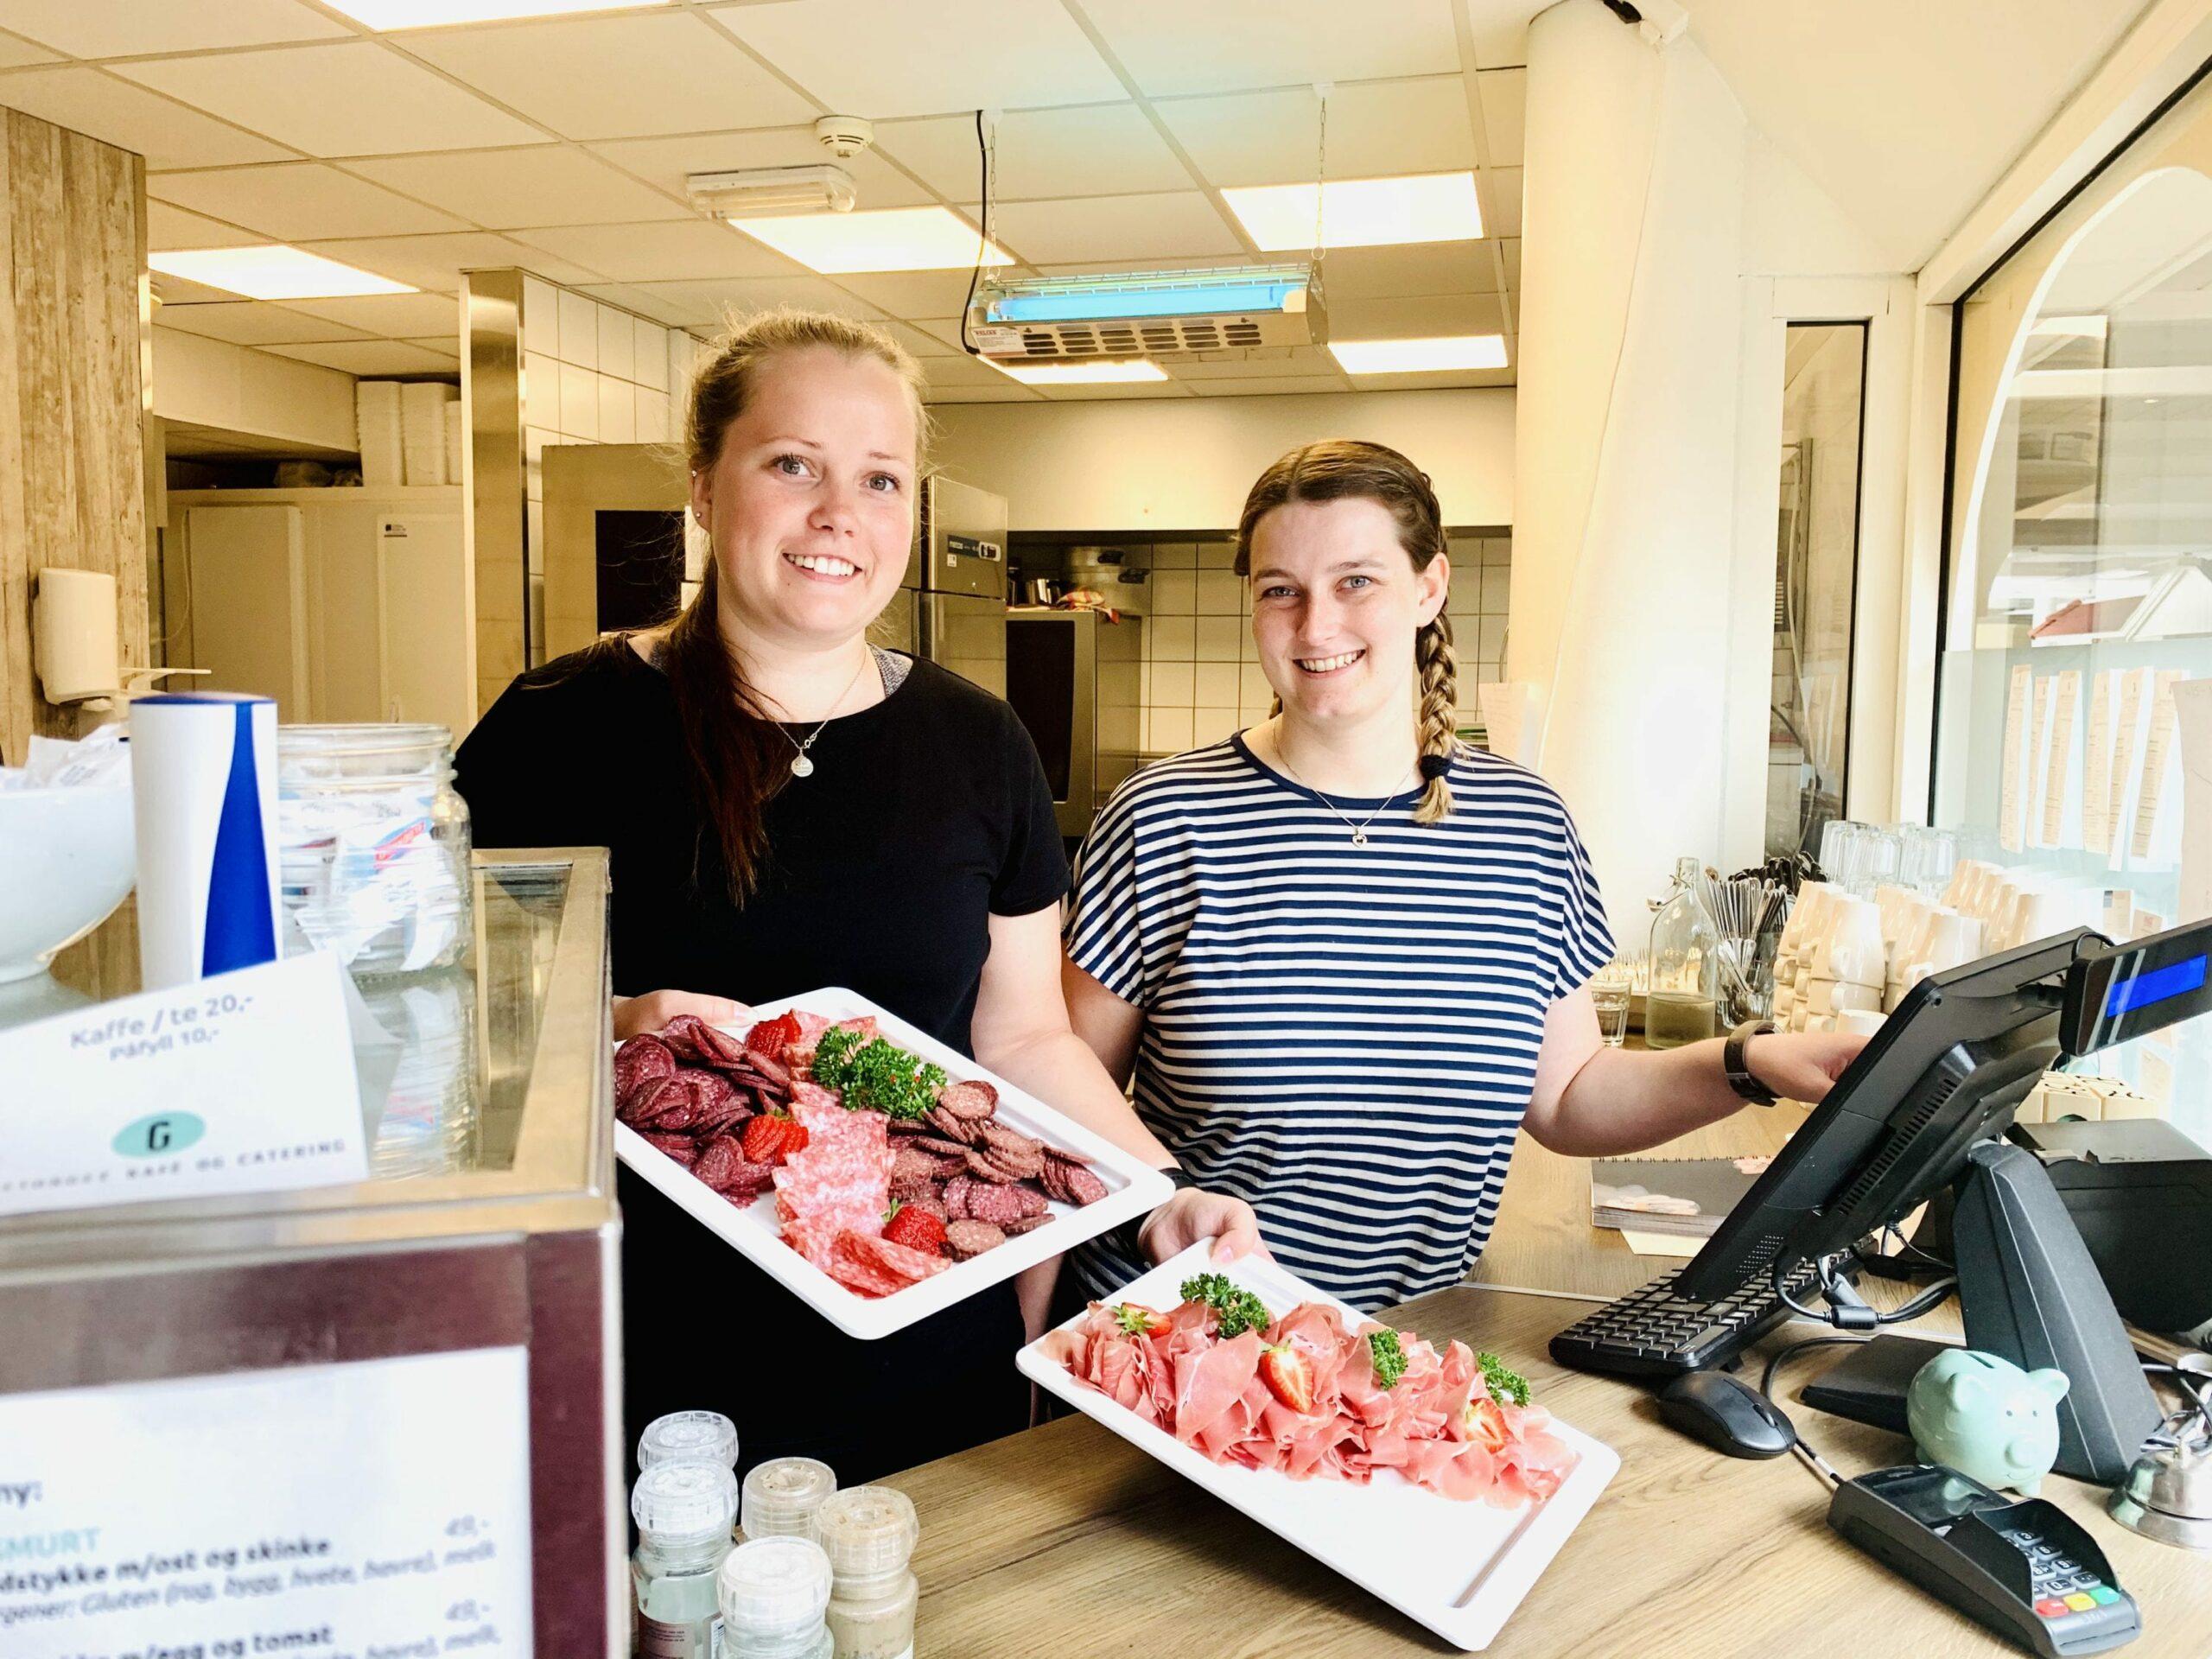 SER FRAMOVER: Helga og Karoline legger en god handelshelg bak seg og ser nå framover. Foto: Liv Rønnaug B. Lilleåsen